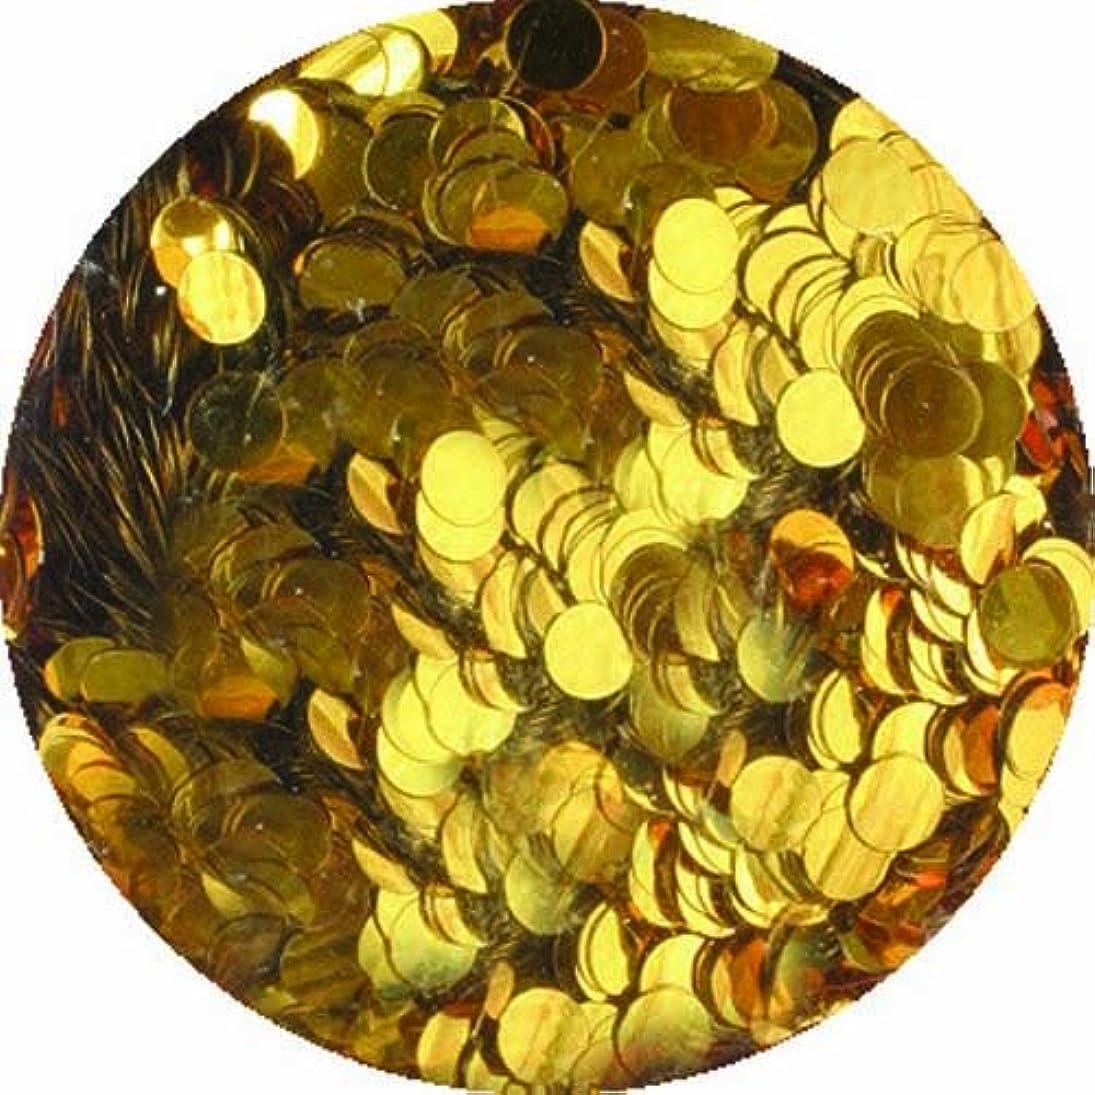 移住するひも市場ビューティーネイラー ネイル用パウダー 黒崎えり子 ジュエリーコレクション ダークゴールド丸2mm